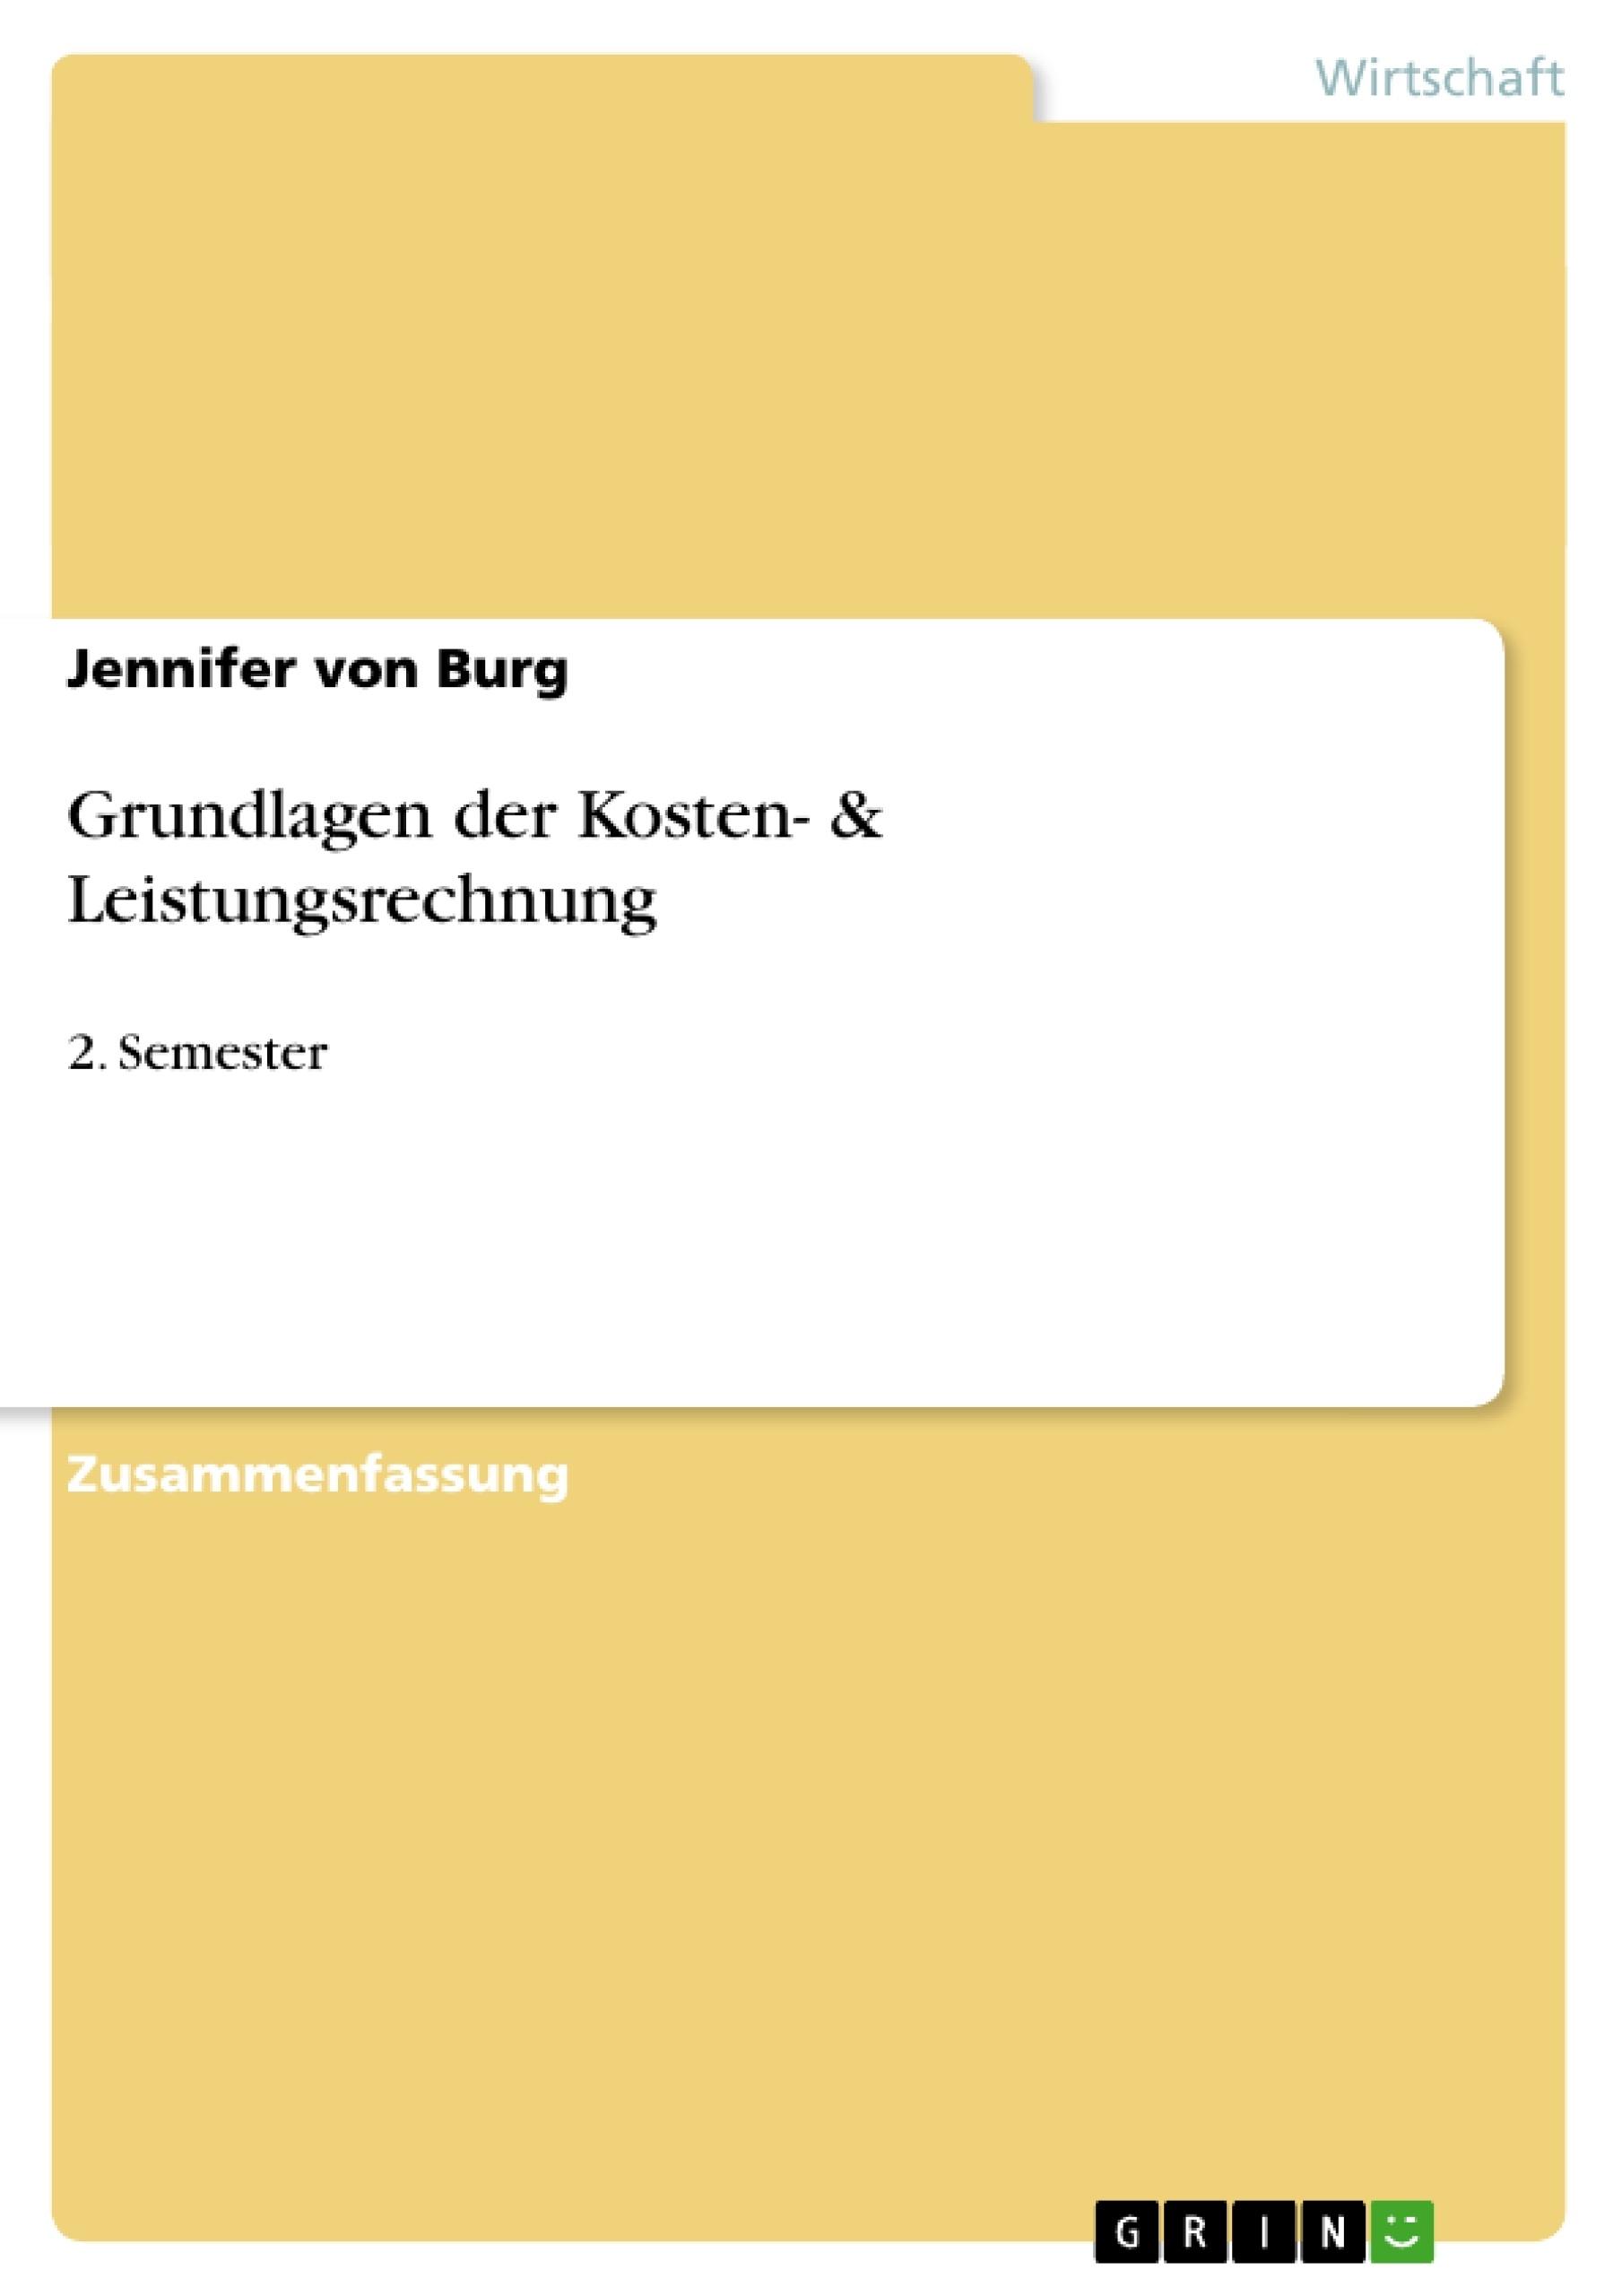 Titel: Grundlagen der Kosten- & Leistungsrechnung